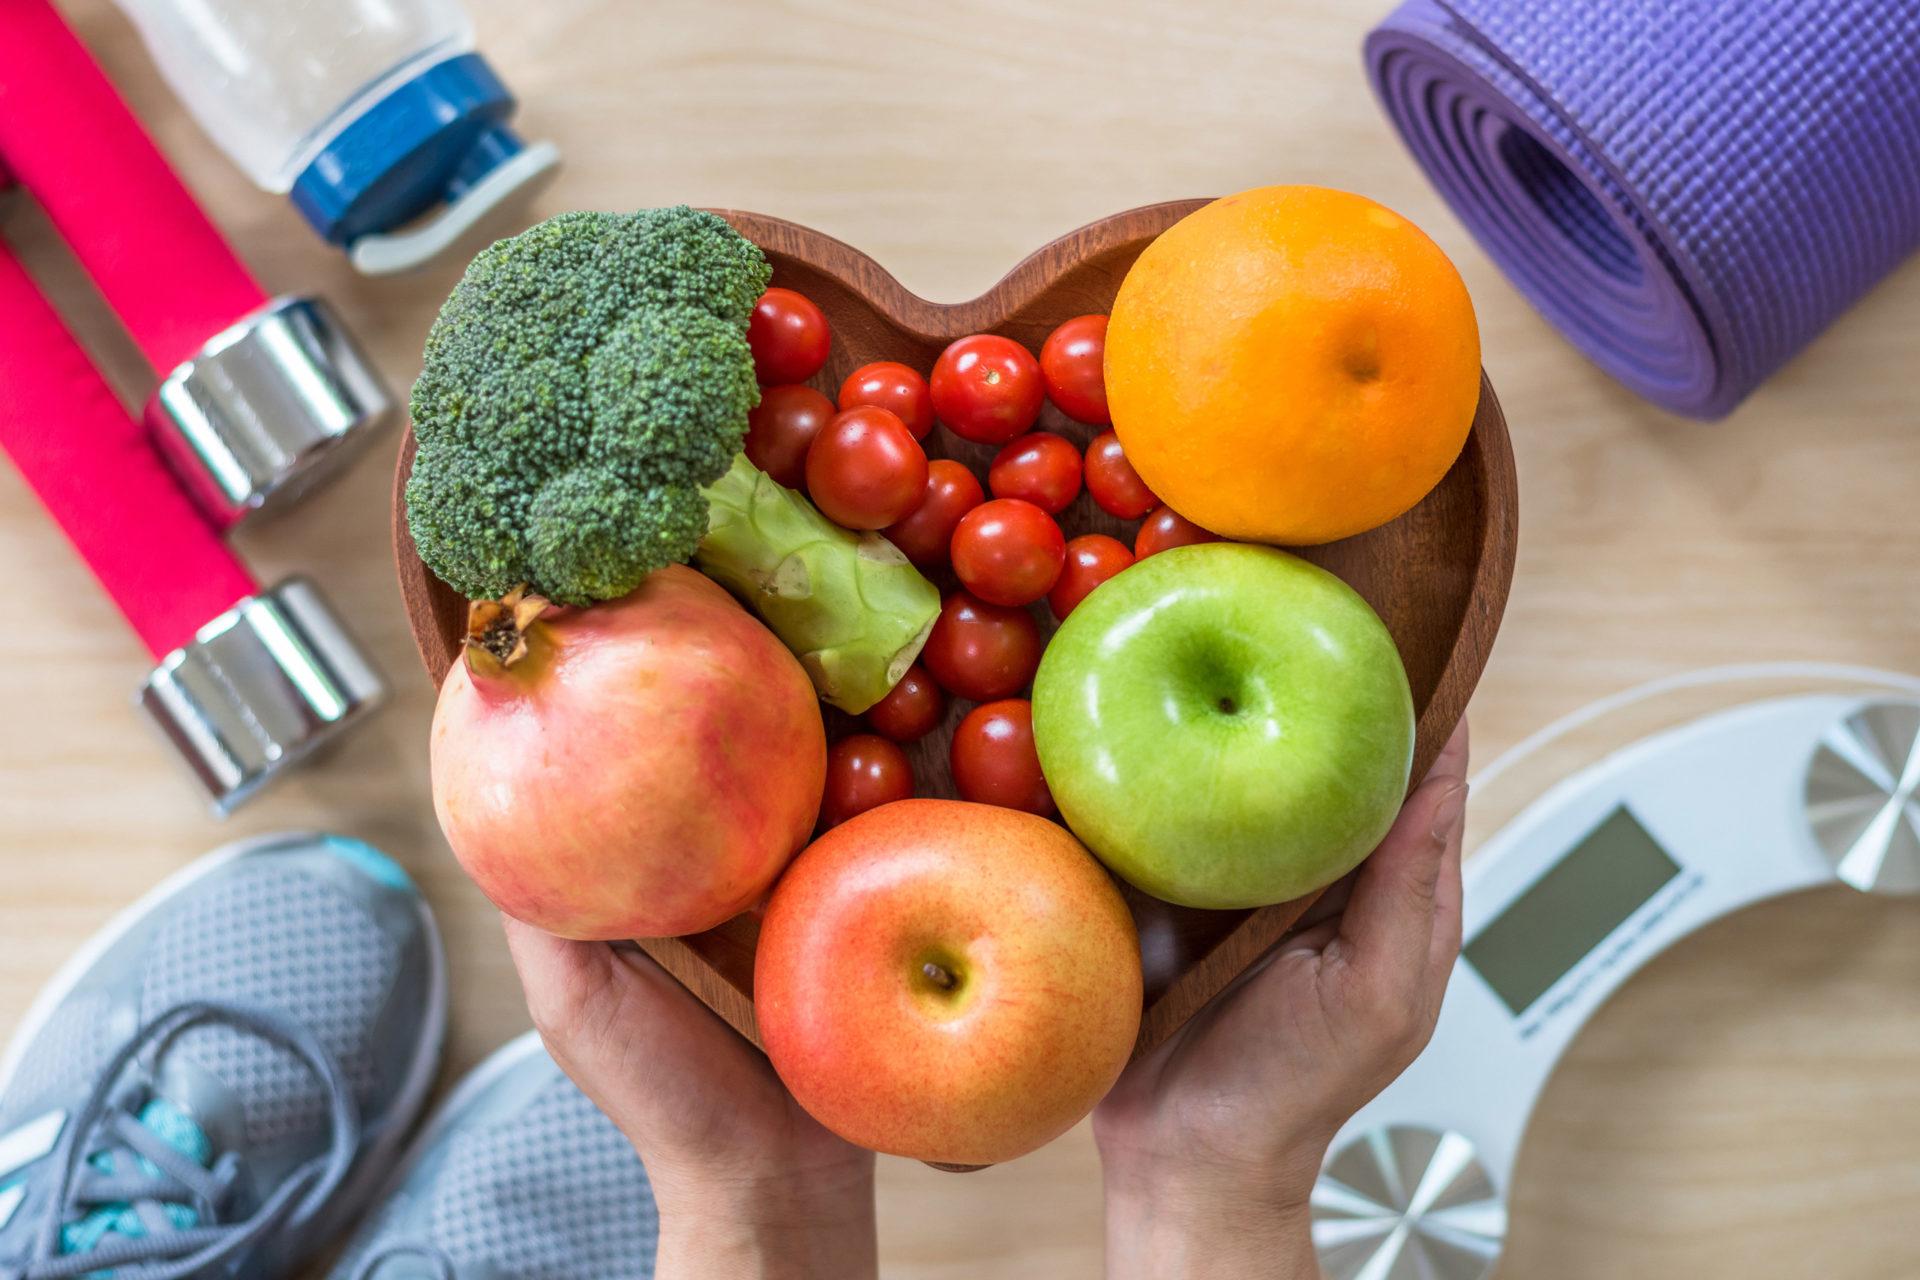 Miska w kształcie serca wypełniona owocami i warzywami